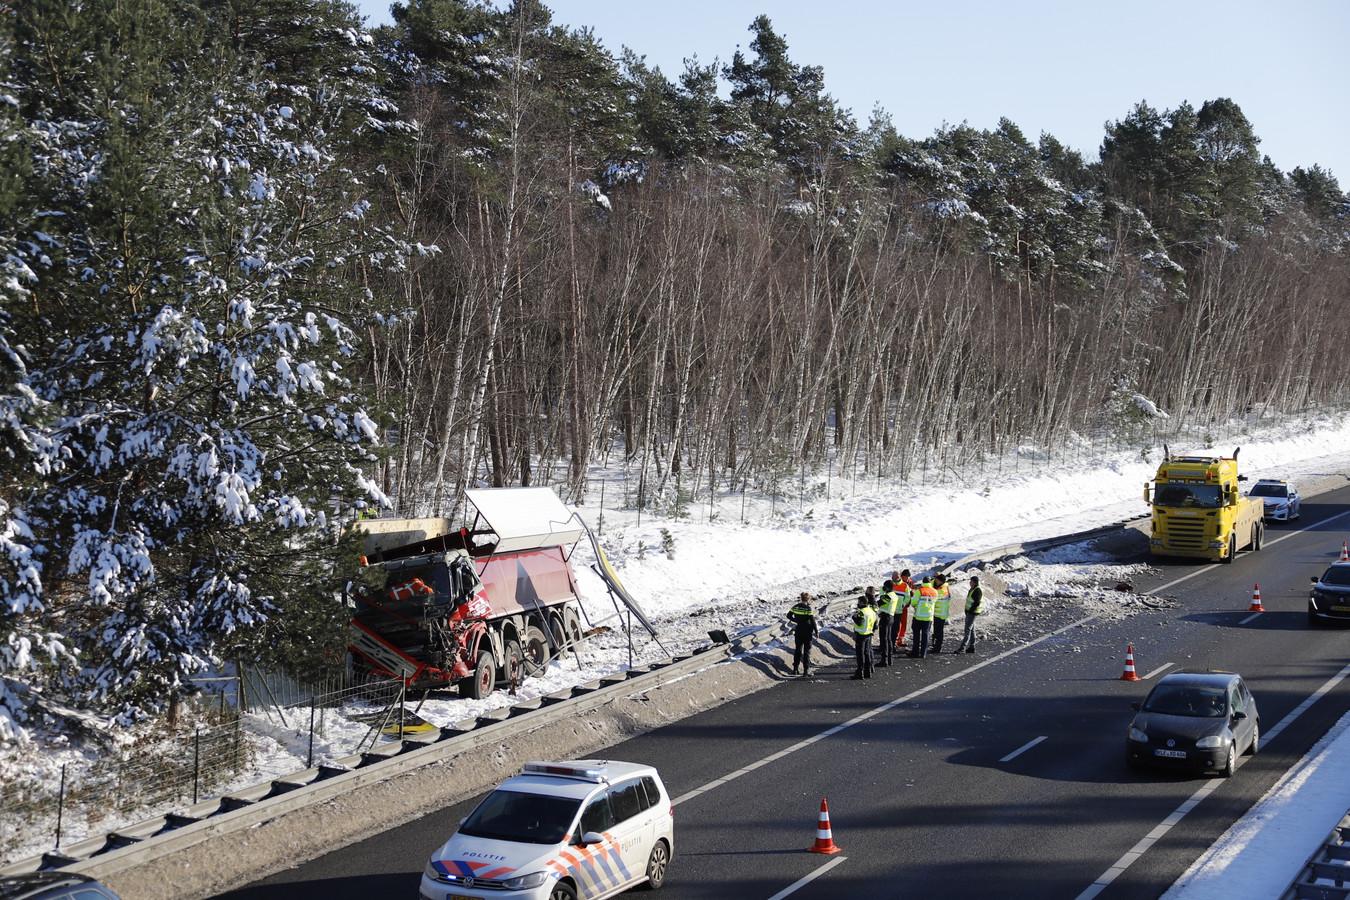 Twee weken geleden belandde tijdens winterse omstandigheden nog een vrachtwagen in de berm van de A73, bij Vierlingsbeek.